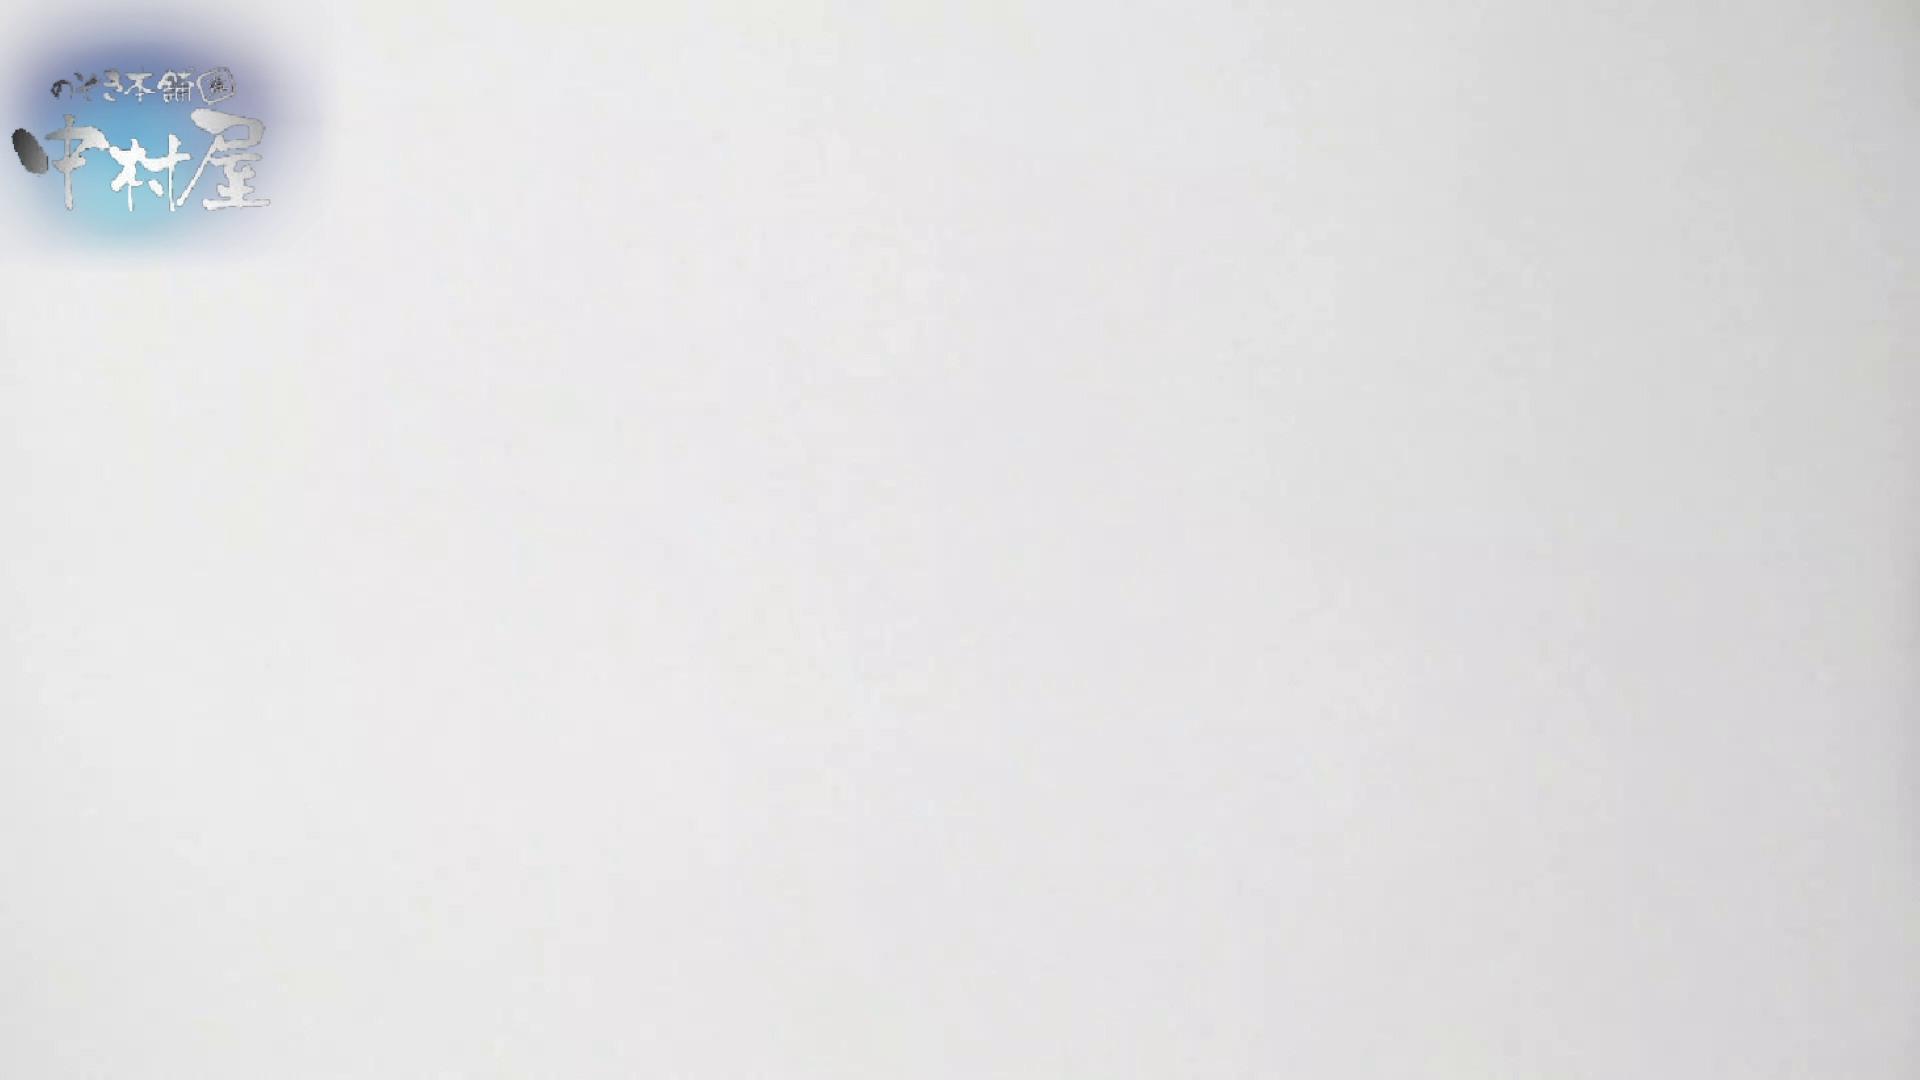 乙女集まる!ショッピングモール潜入撮vol.05 丸見え 盗撮動画紹介 109PICs 4